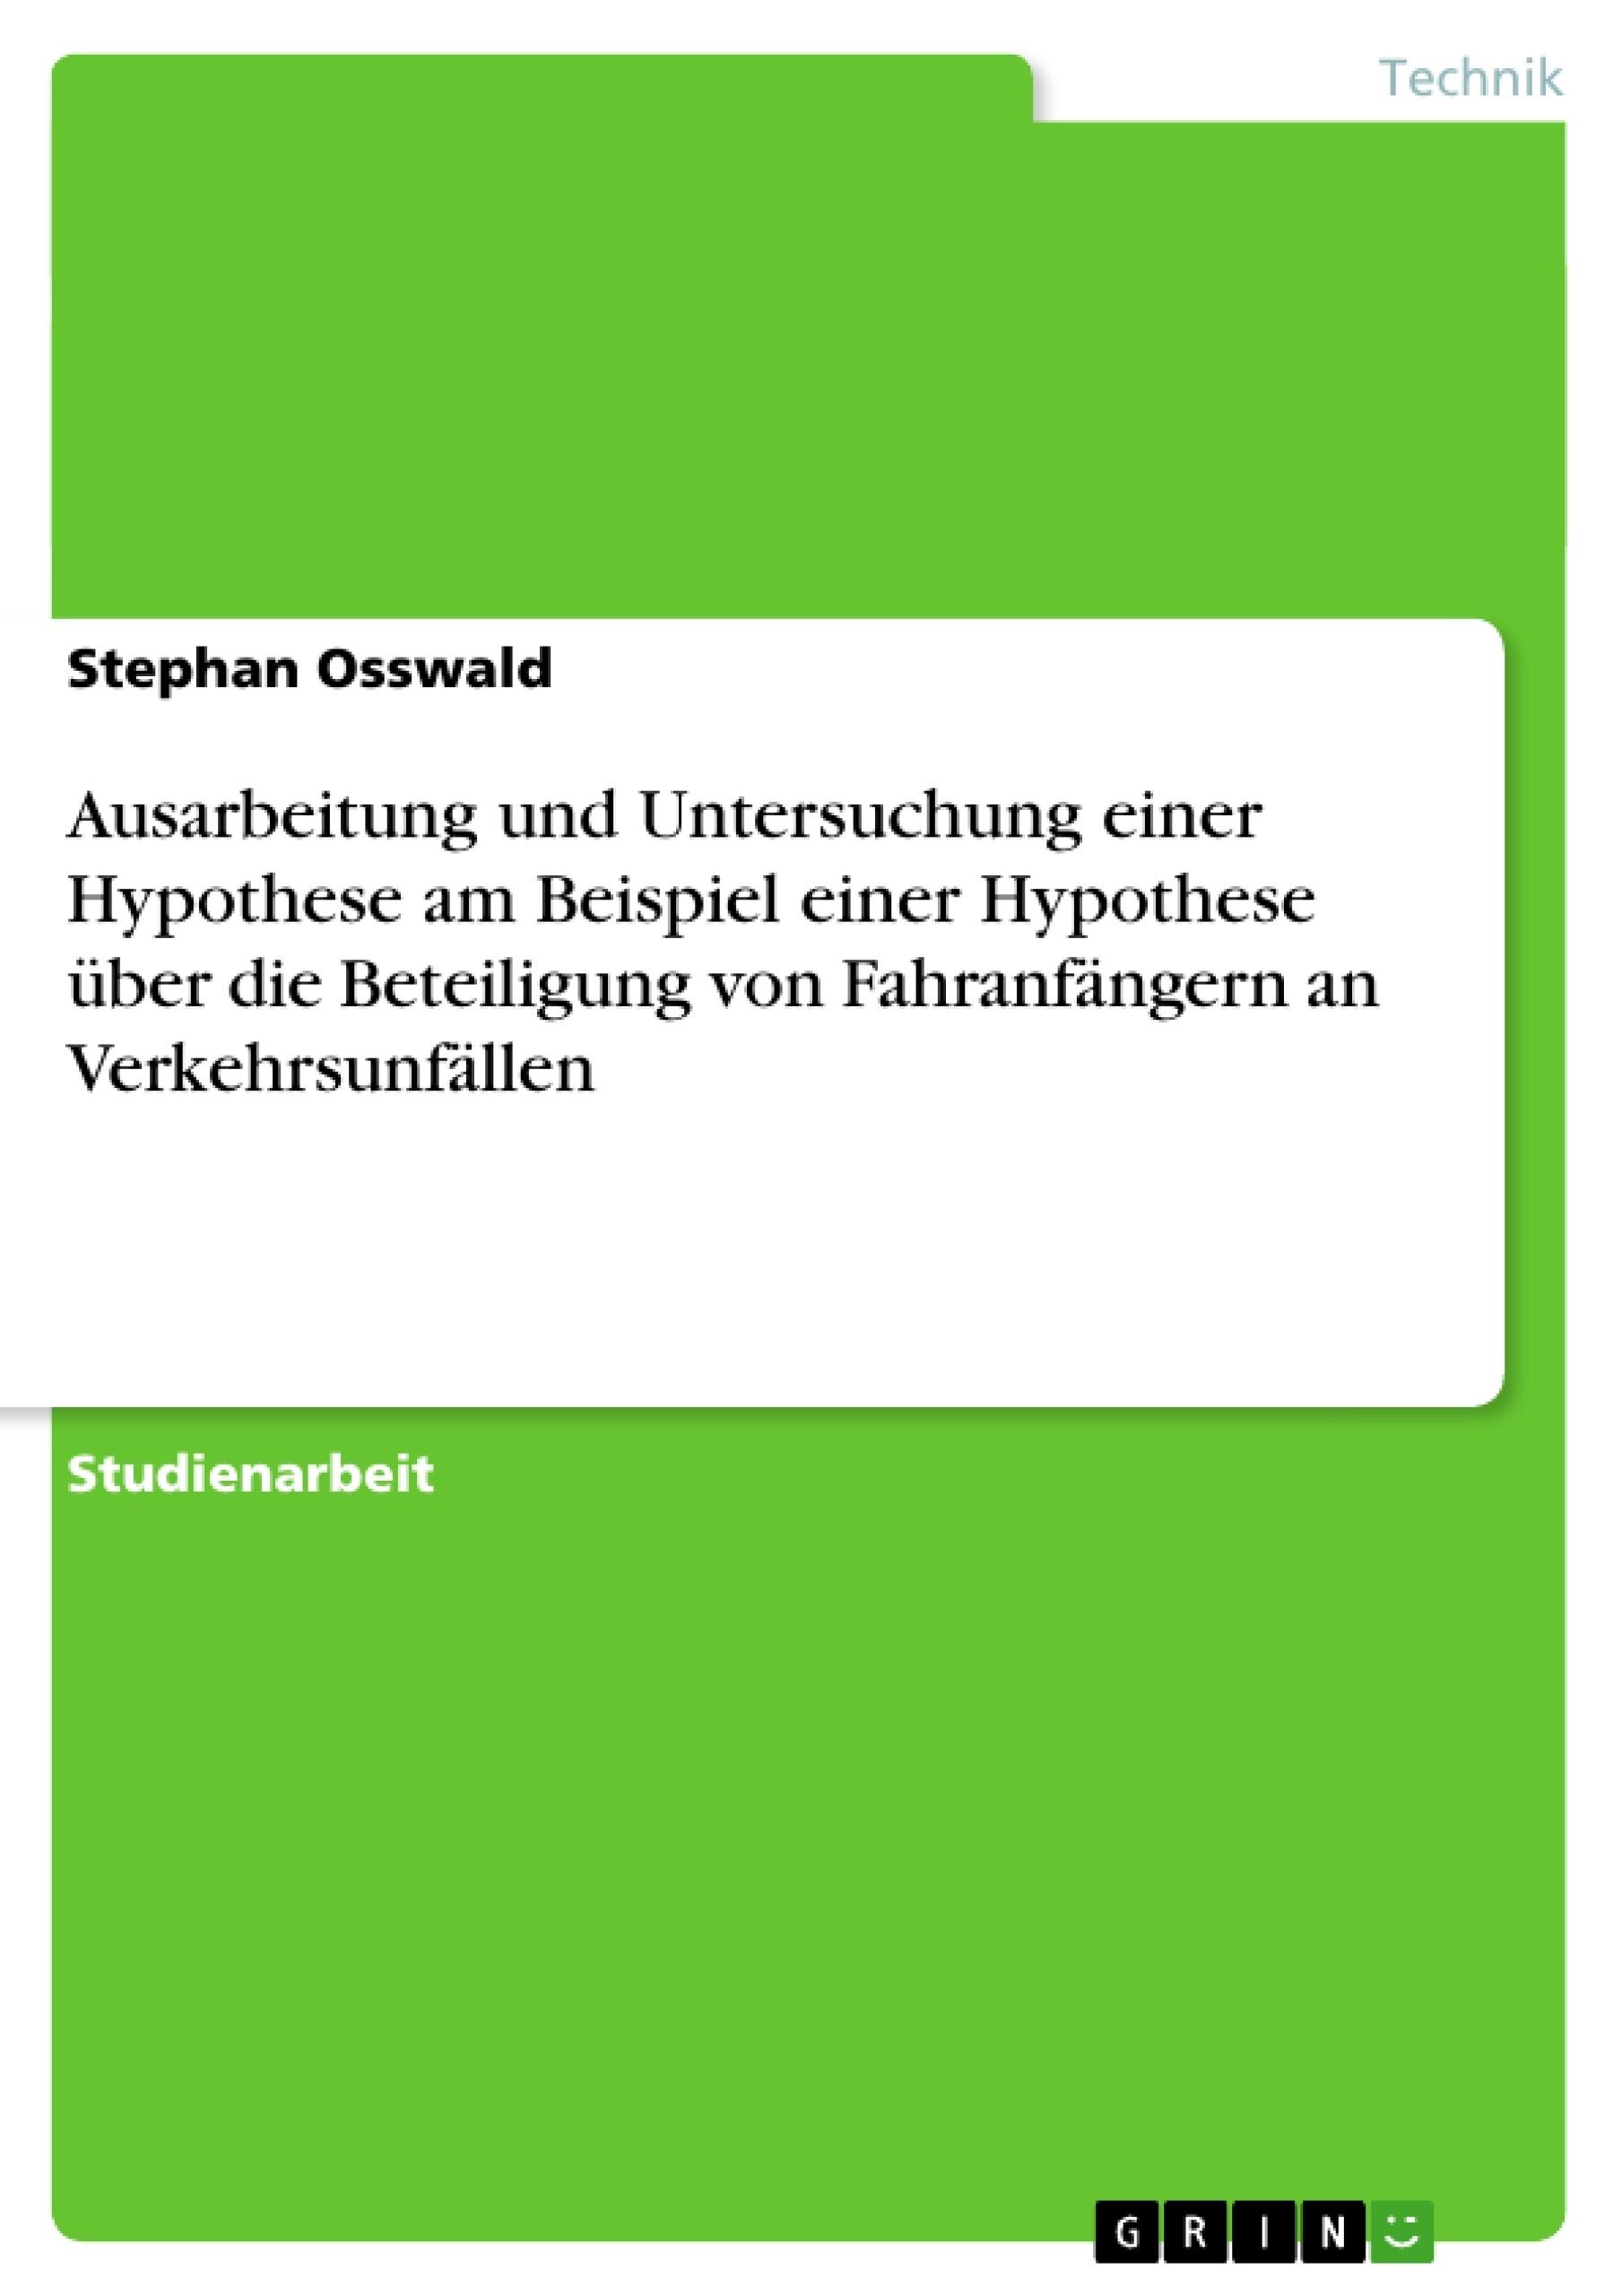 Titel: Ausarbeitung und Untersuchung einer Hypothese am Beispiel einer Hypothese über die Beteiligung von Fahranfängern an Verkehrsunfällen